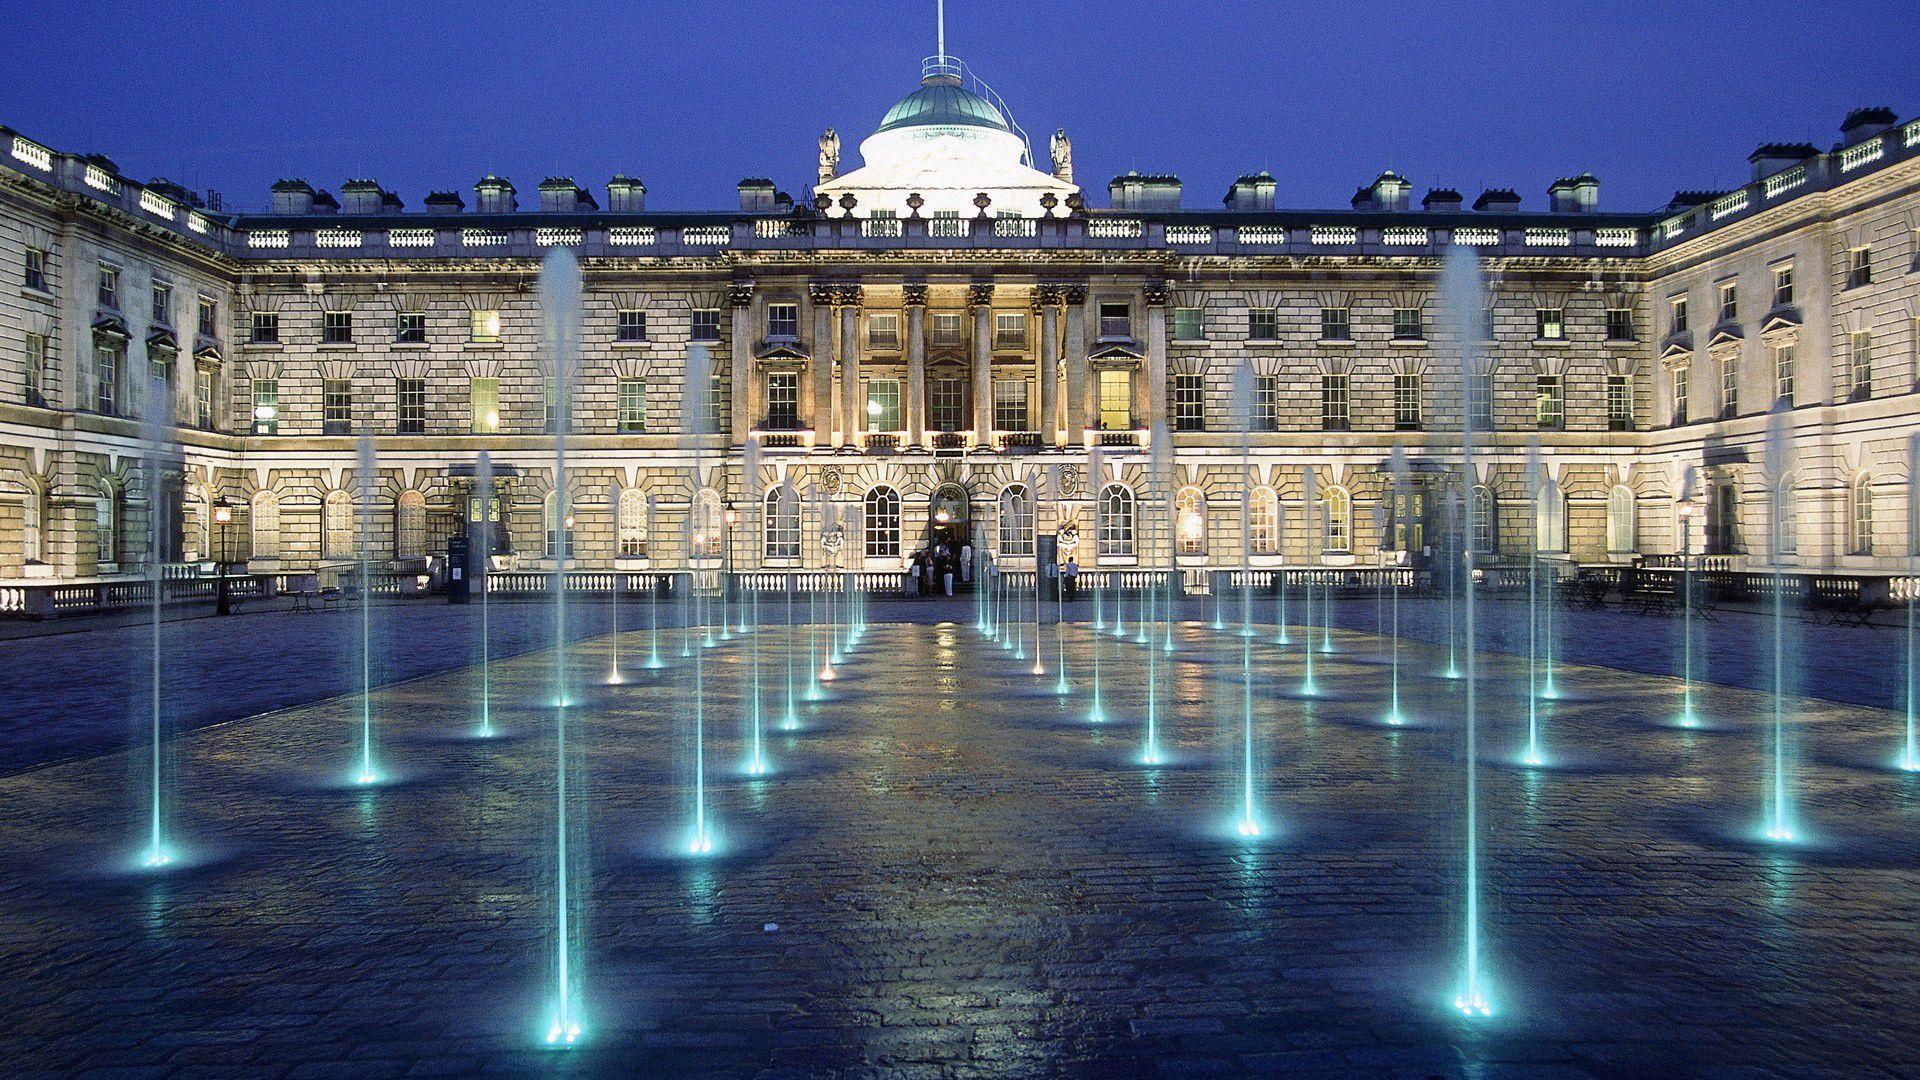 伦敦酒店旅馆住宿英格兰伦敦通票预订全球便宜的低价格